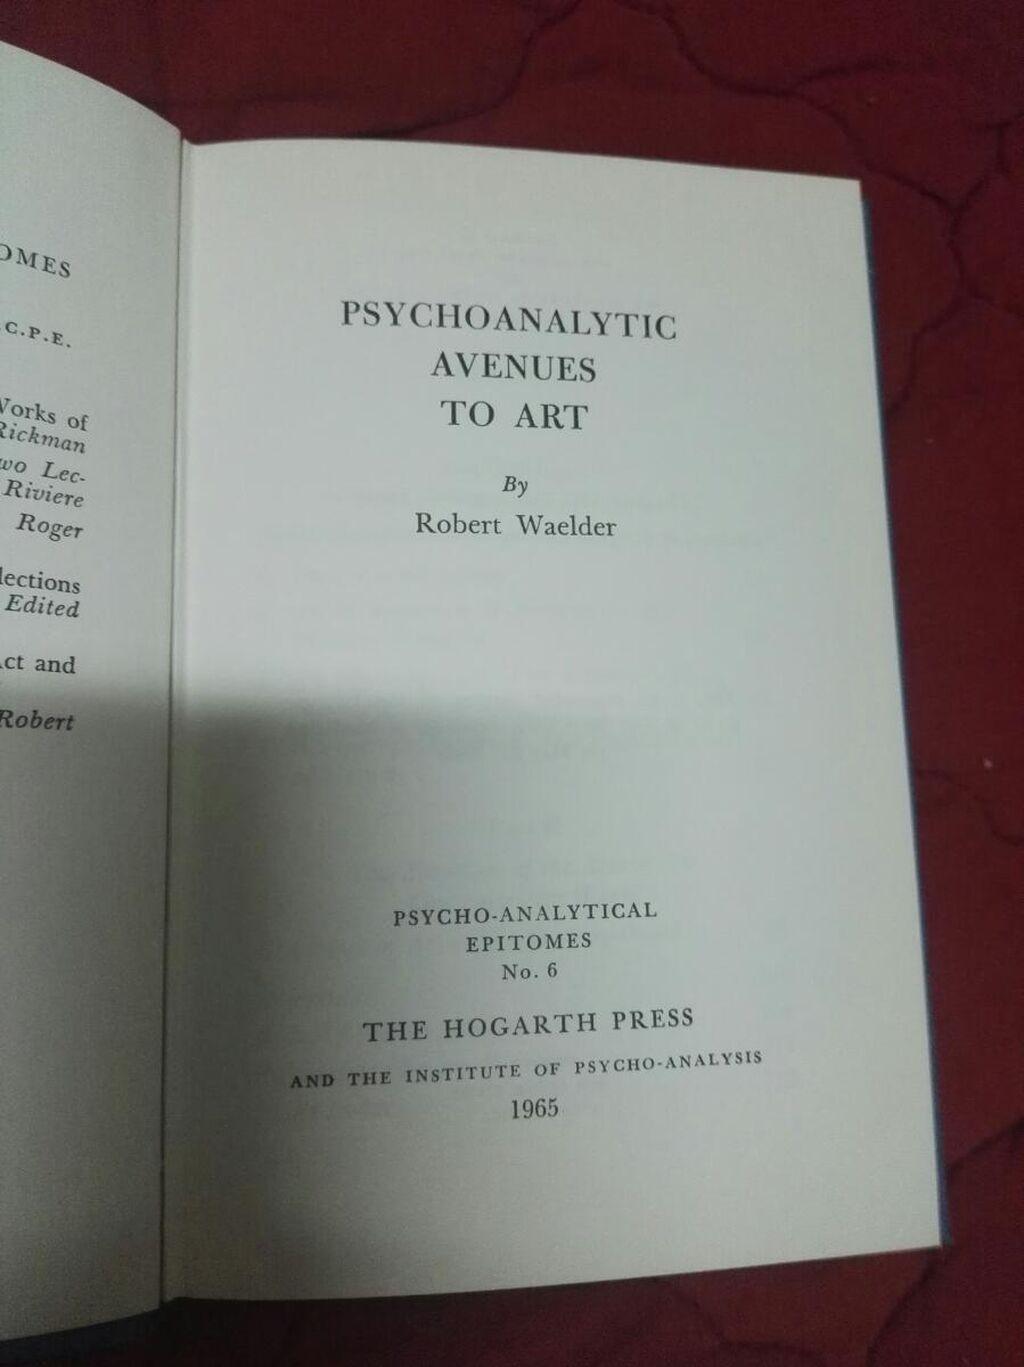 Psyhoanalytic avenues to art R.W